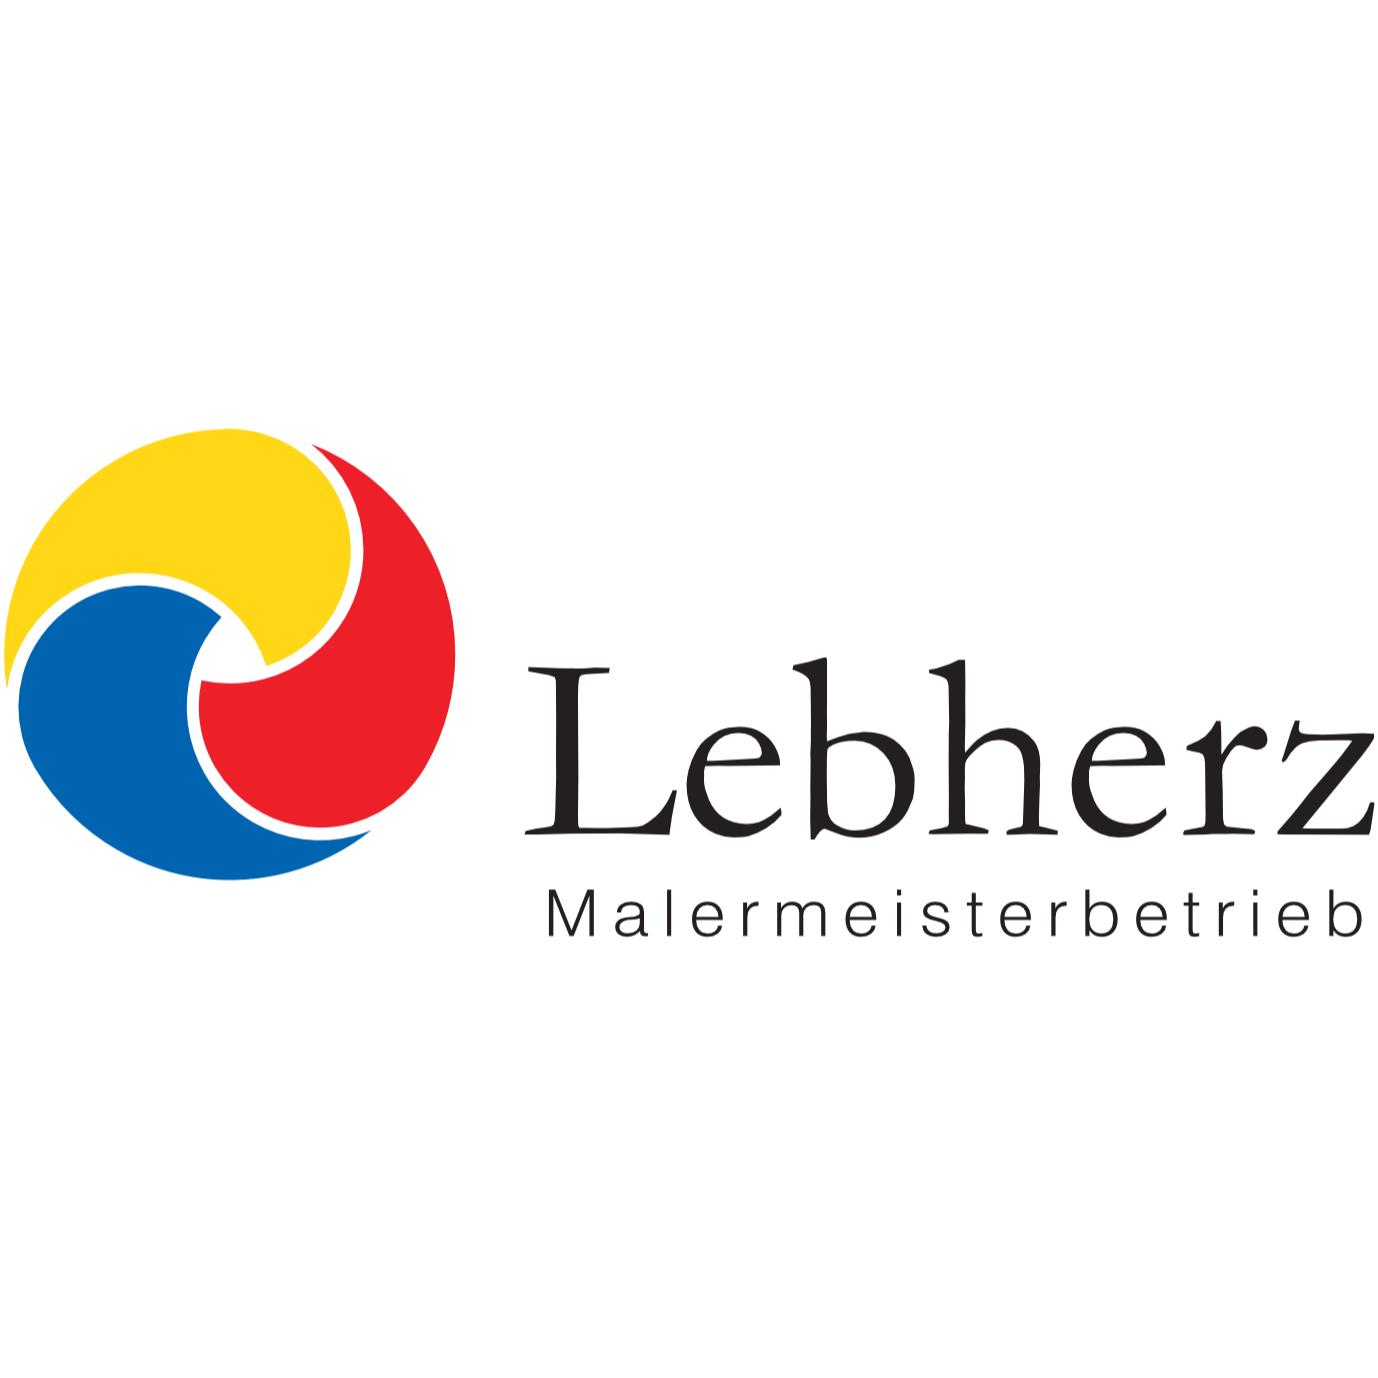 Malermeisterbetrieb Lebherz München - Maler Lebherz München